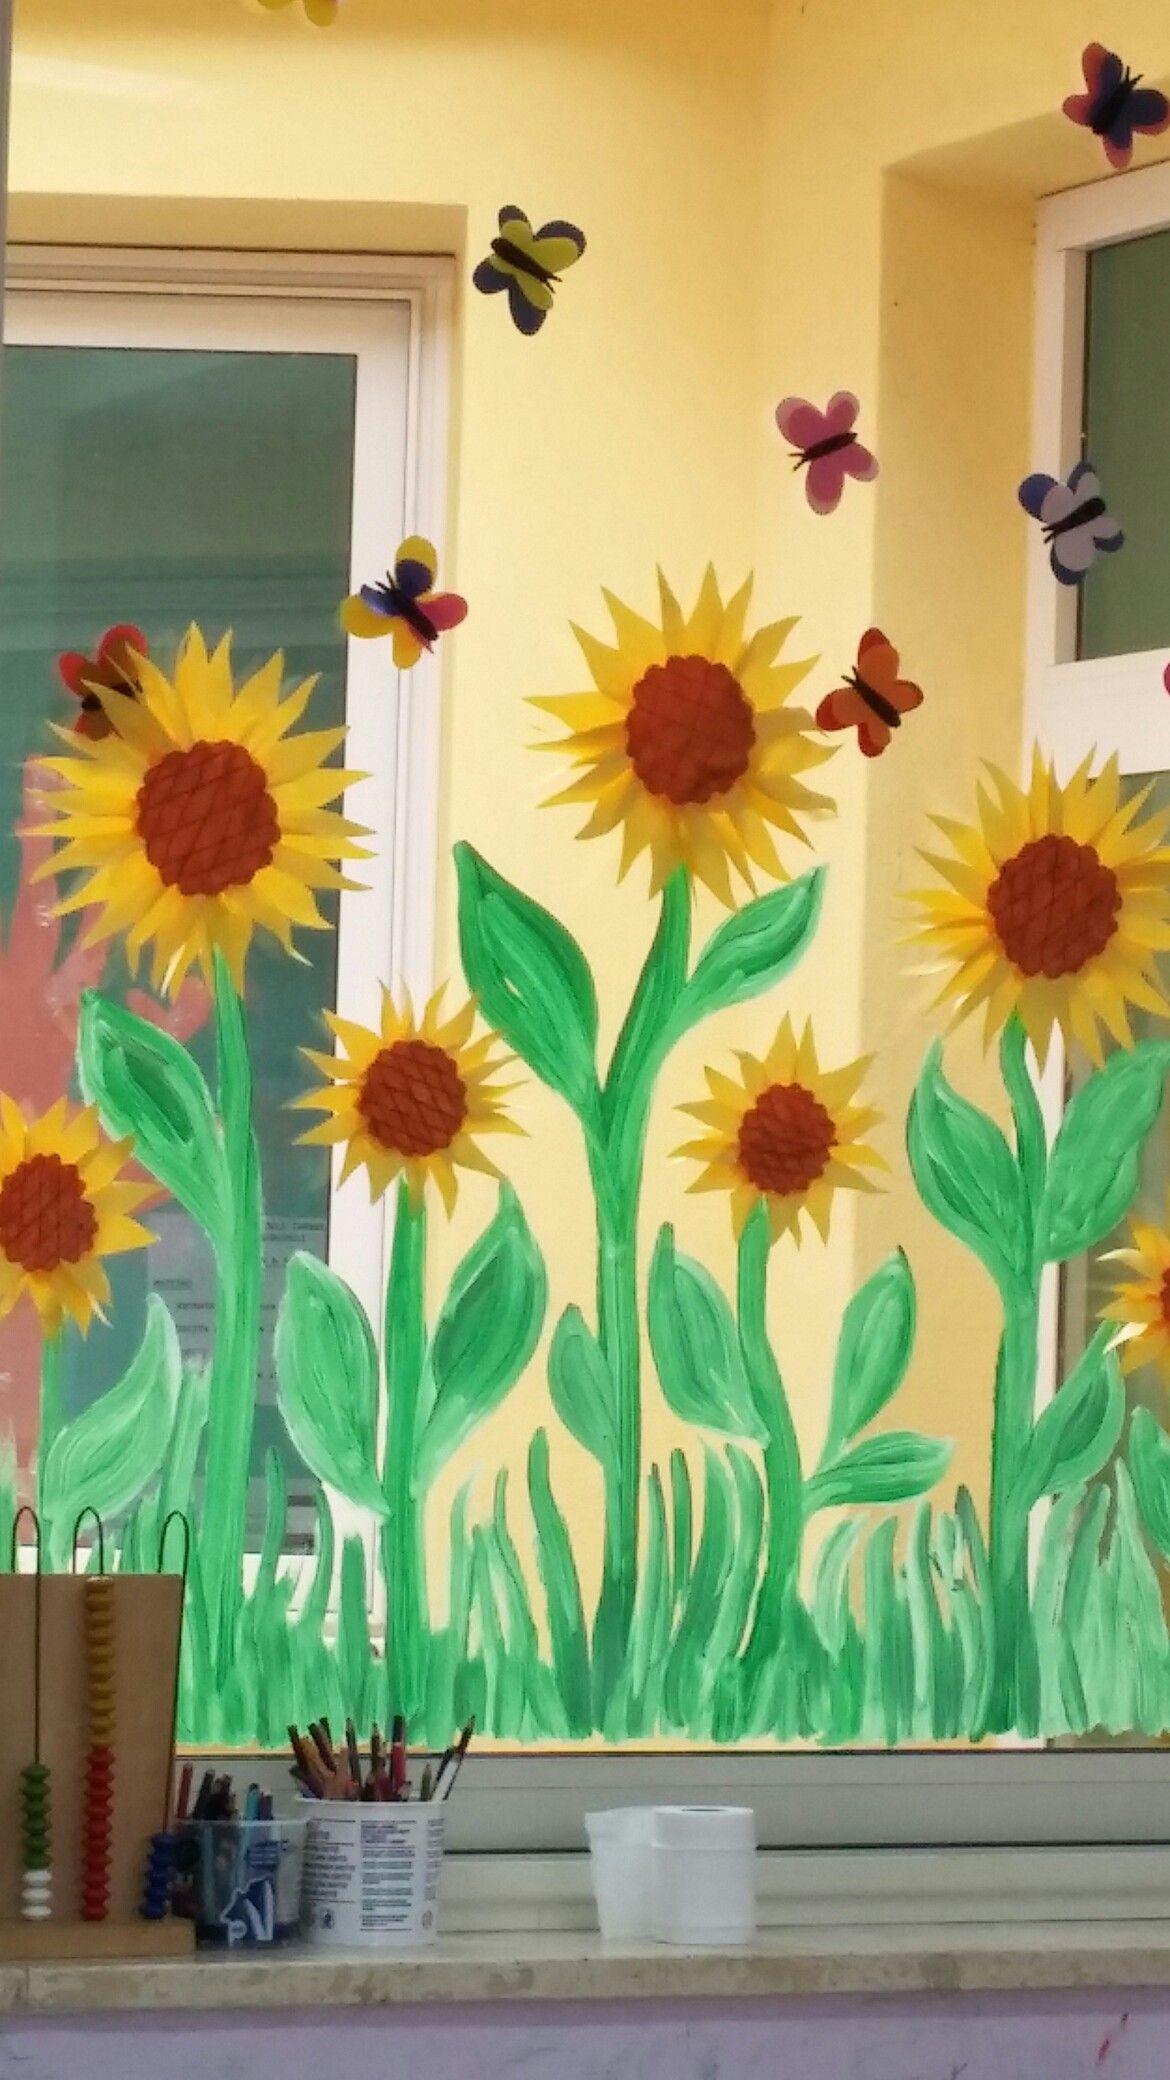 Finestra In Primavera Decorazioni Per Vetri Printemps Idees